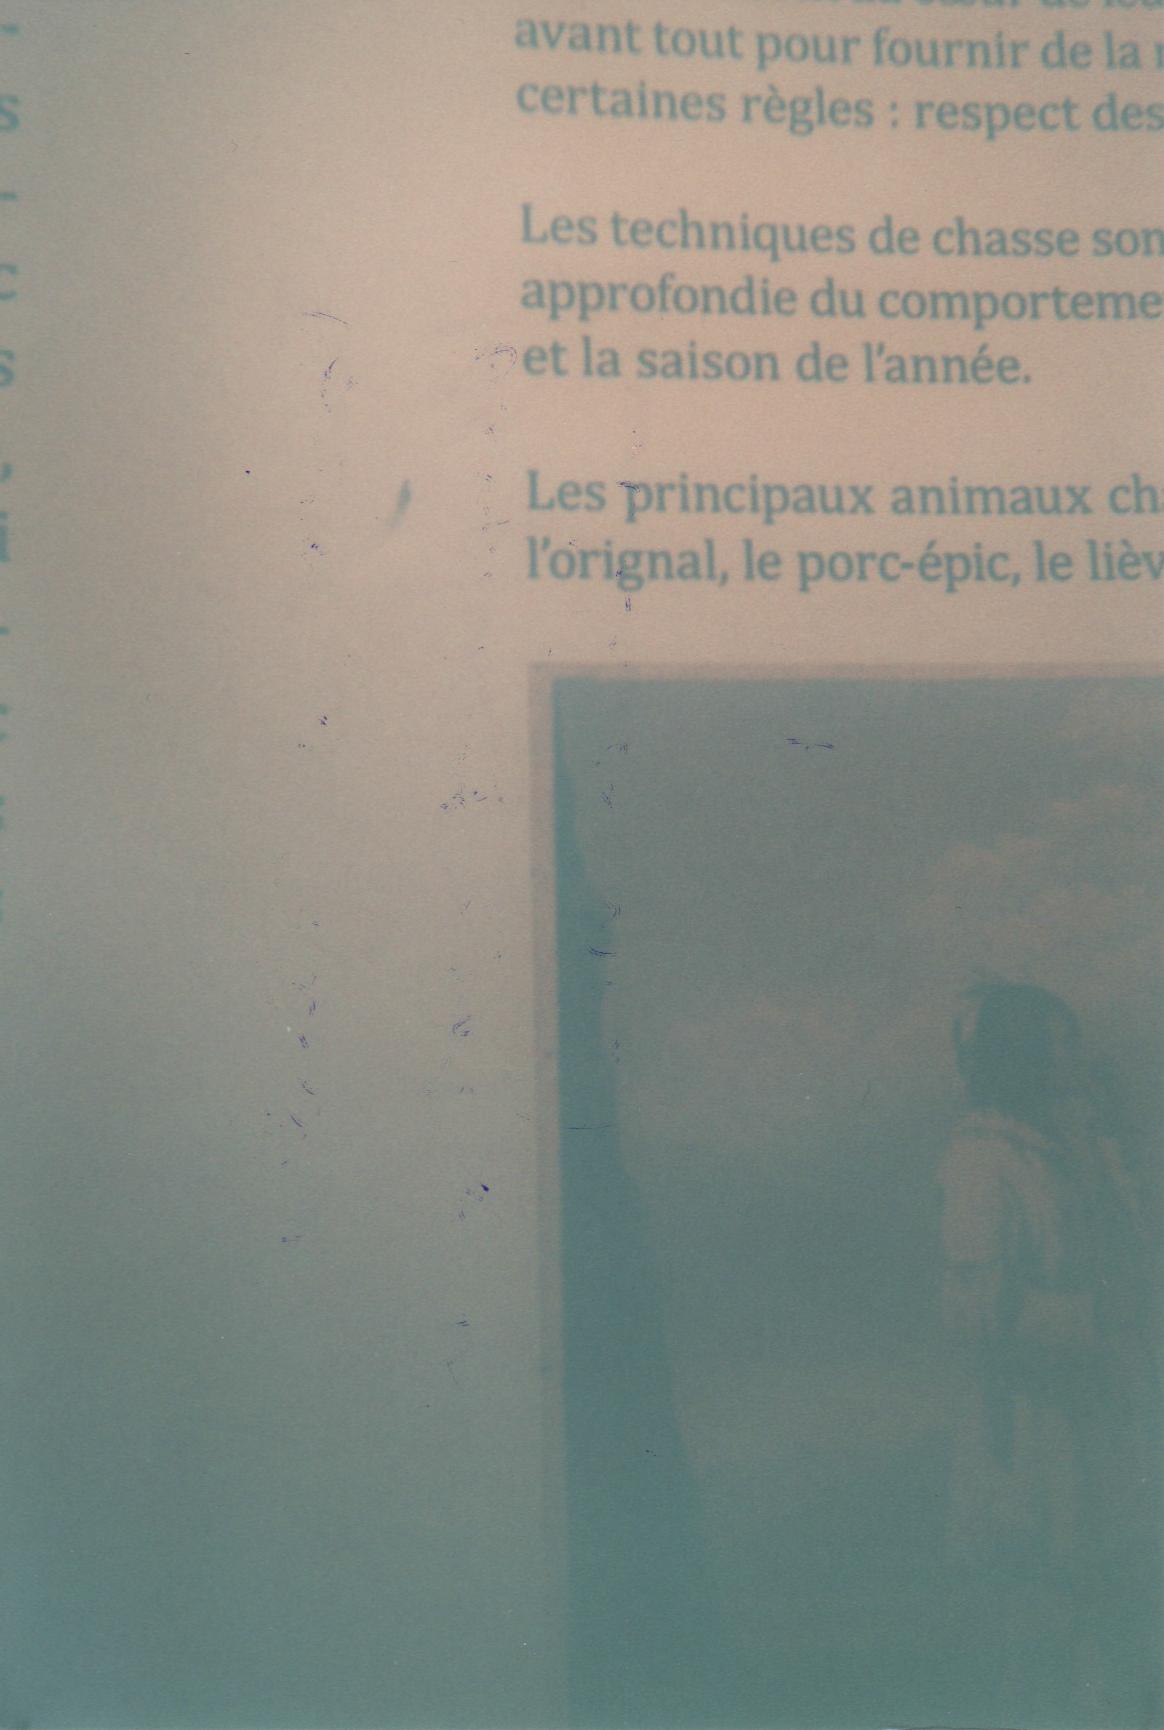 Steve Giasson. Performance invisible n° 8 (Laisser, du bout du doigt, une légère tache de graisse sur le mur d'un lieu d'exposition.) Performeur :Jean-Philippe Luckhurst-Cartier. Performance activée dans le cadre de Parcours Neuf à Cinq, Occurrences estivales 2015, Péristyle nomade. Montréal. 13 août 2015.